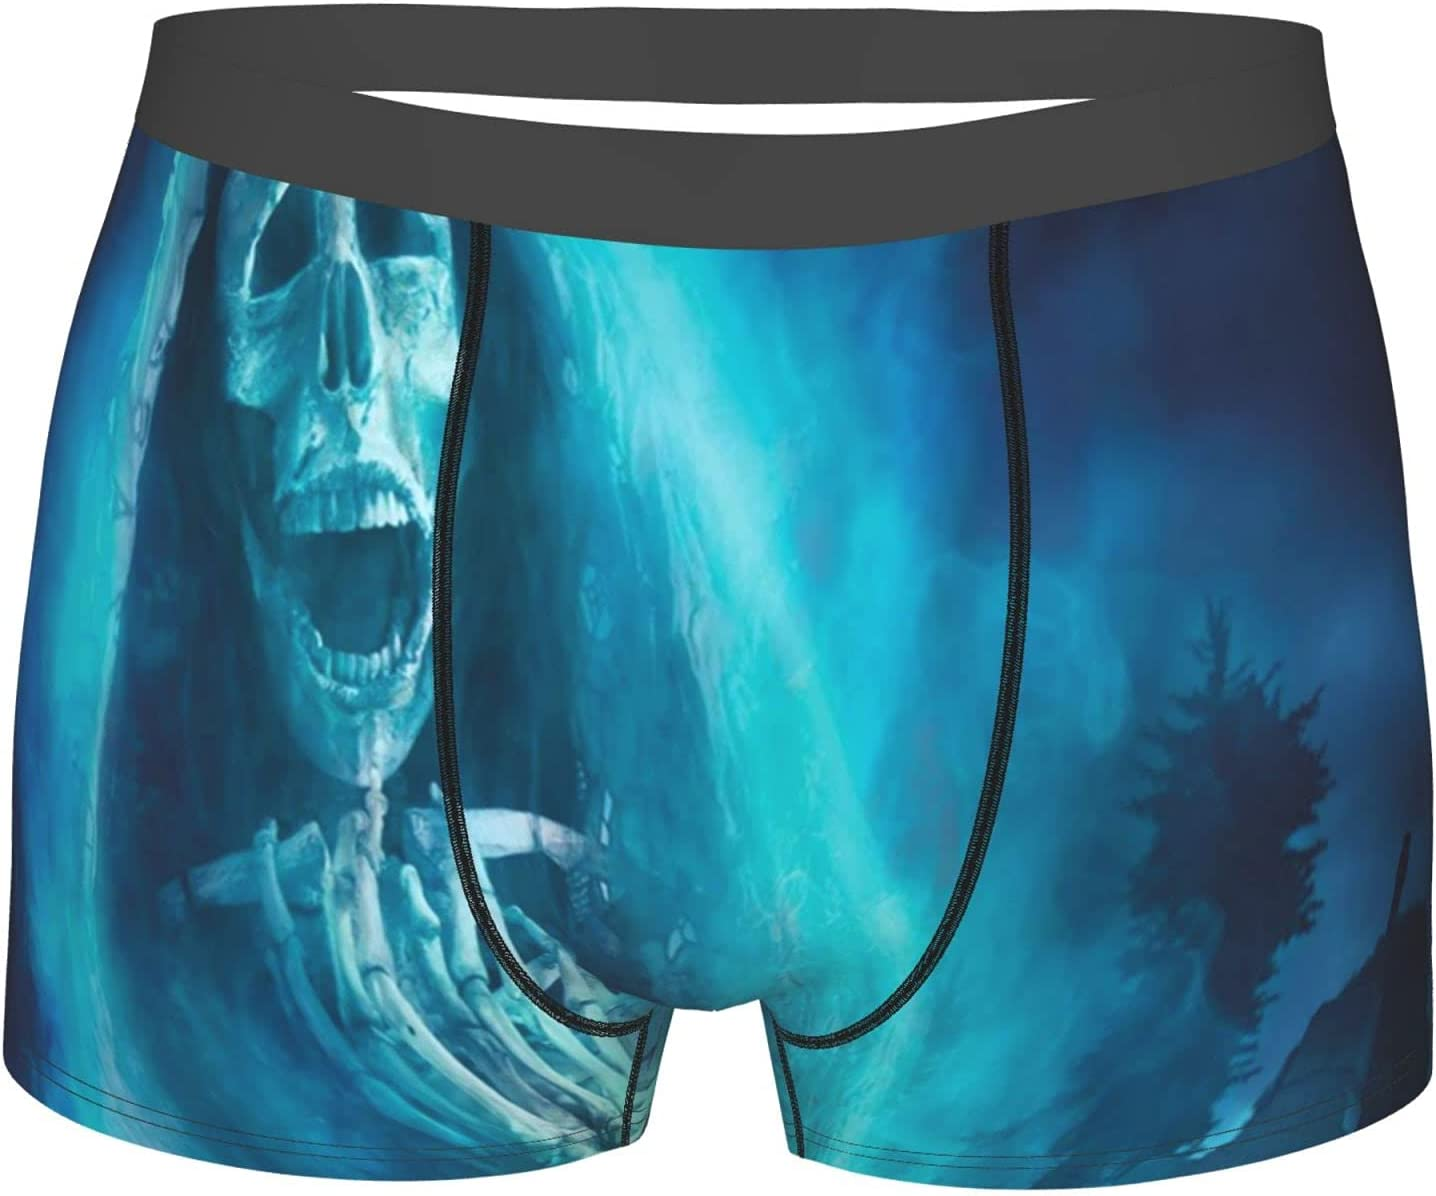 Max 52% OFF YAZXHJAZ Underwear Mens Boxer Briefs Halloween Fort Worth Mall Dead Gothic Dark